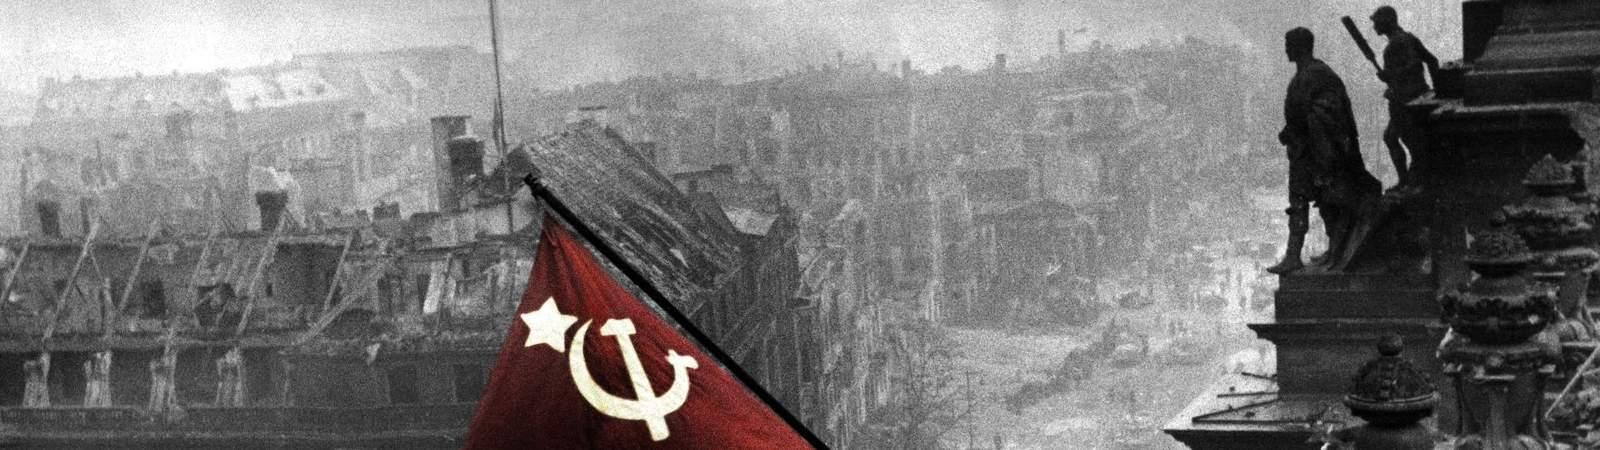 Взятие рейхстага, 1945